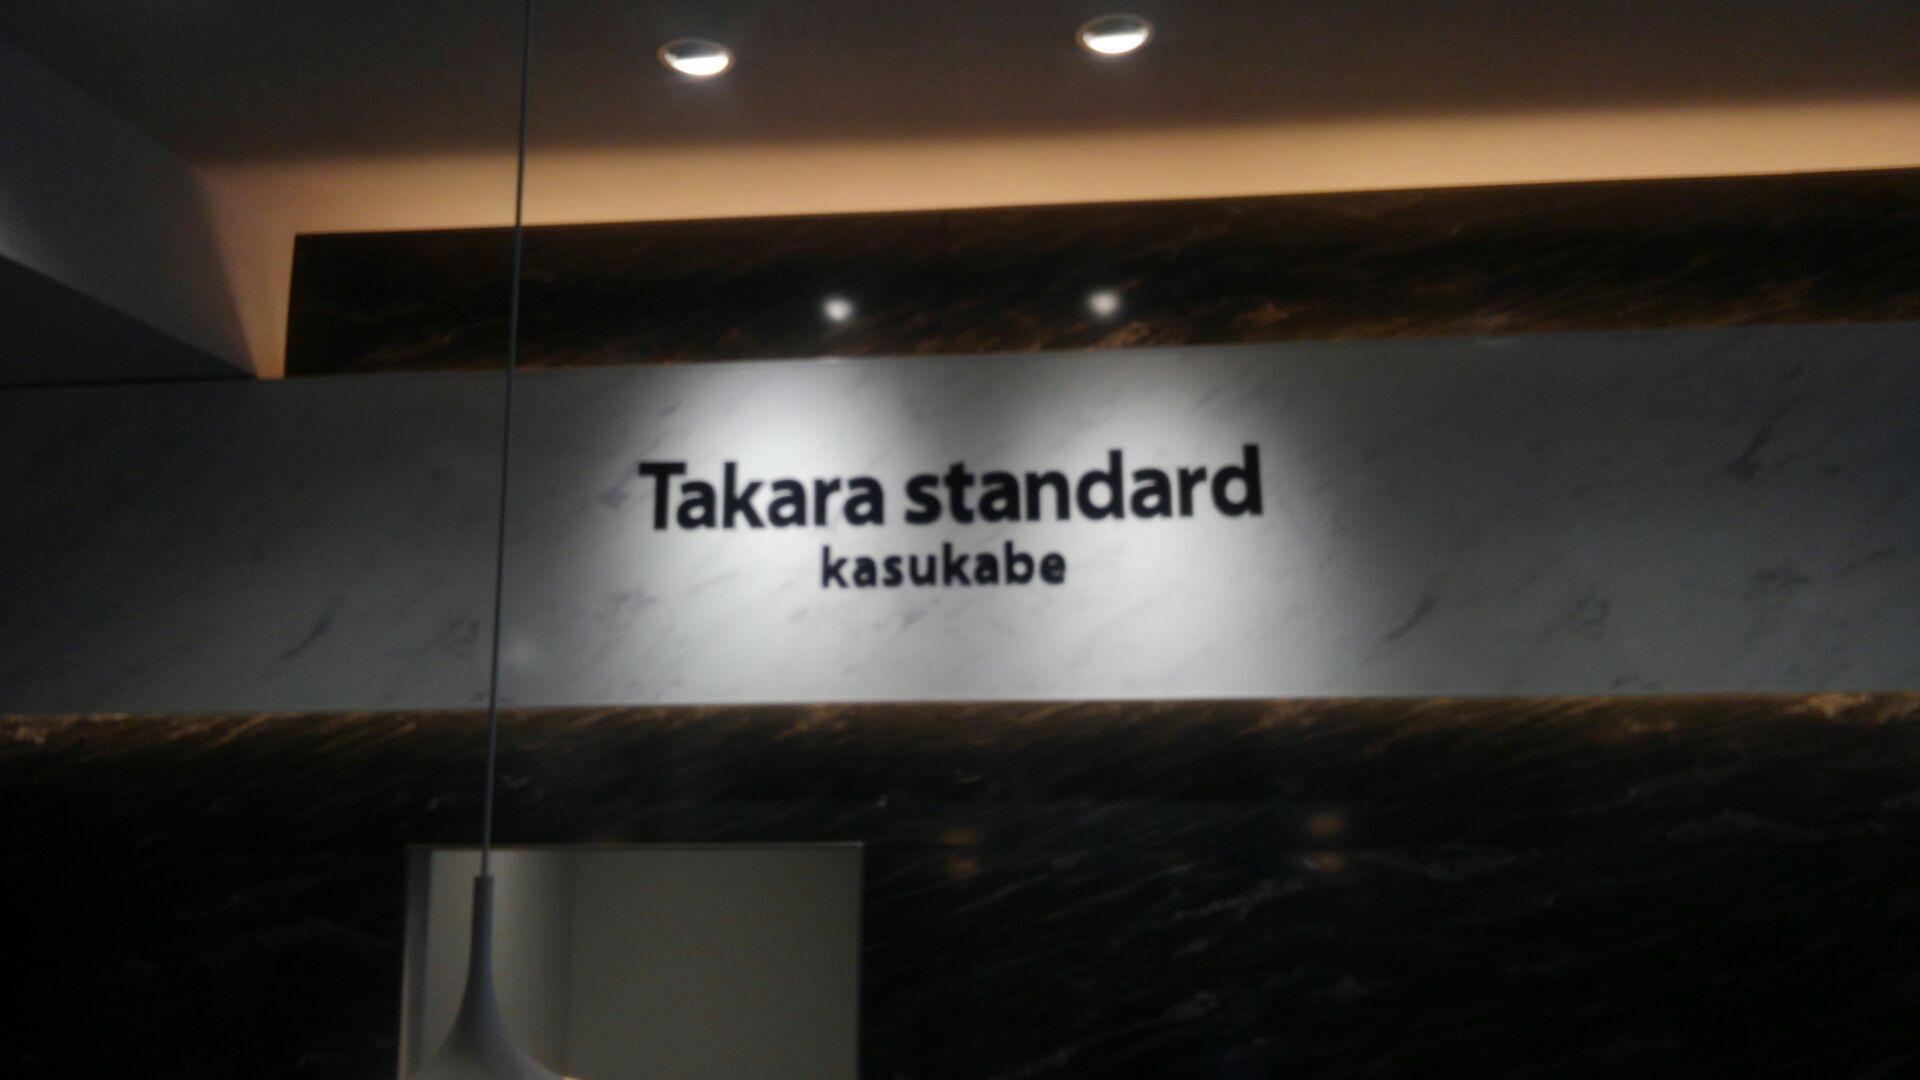 S様ご家族と、タカラスタンダードさんのショールームへやって来ました。